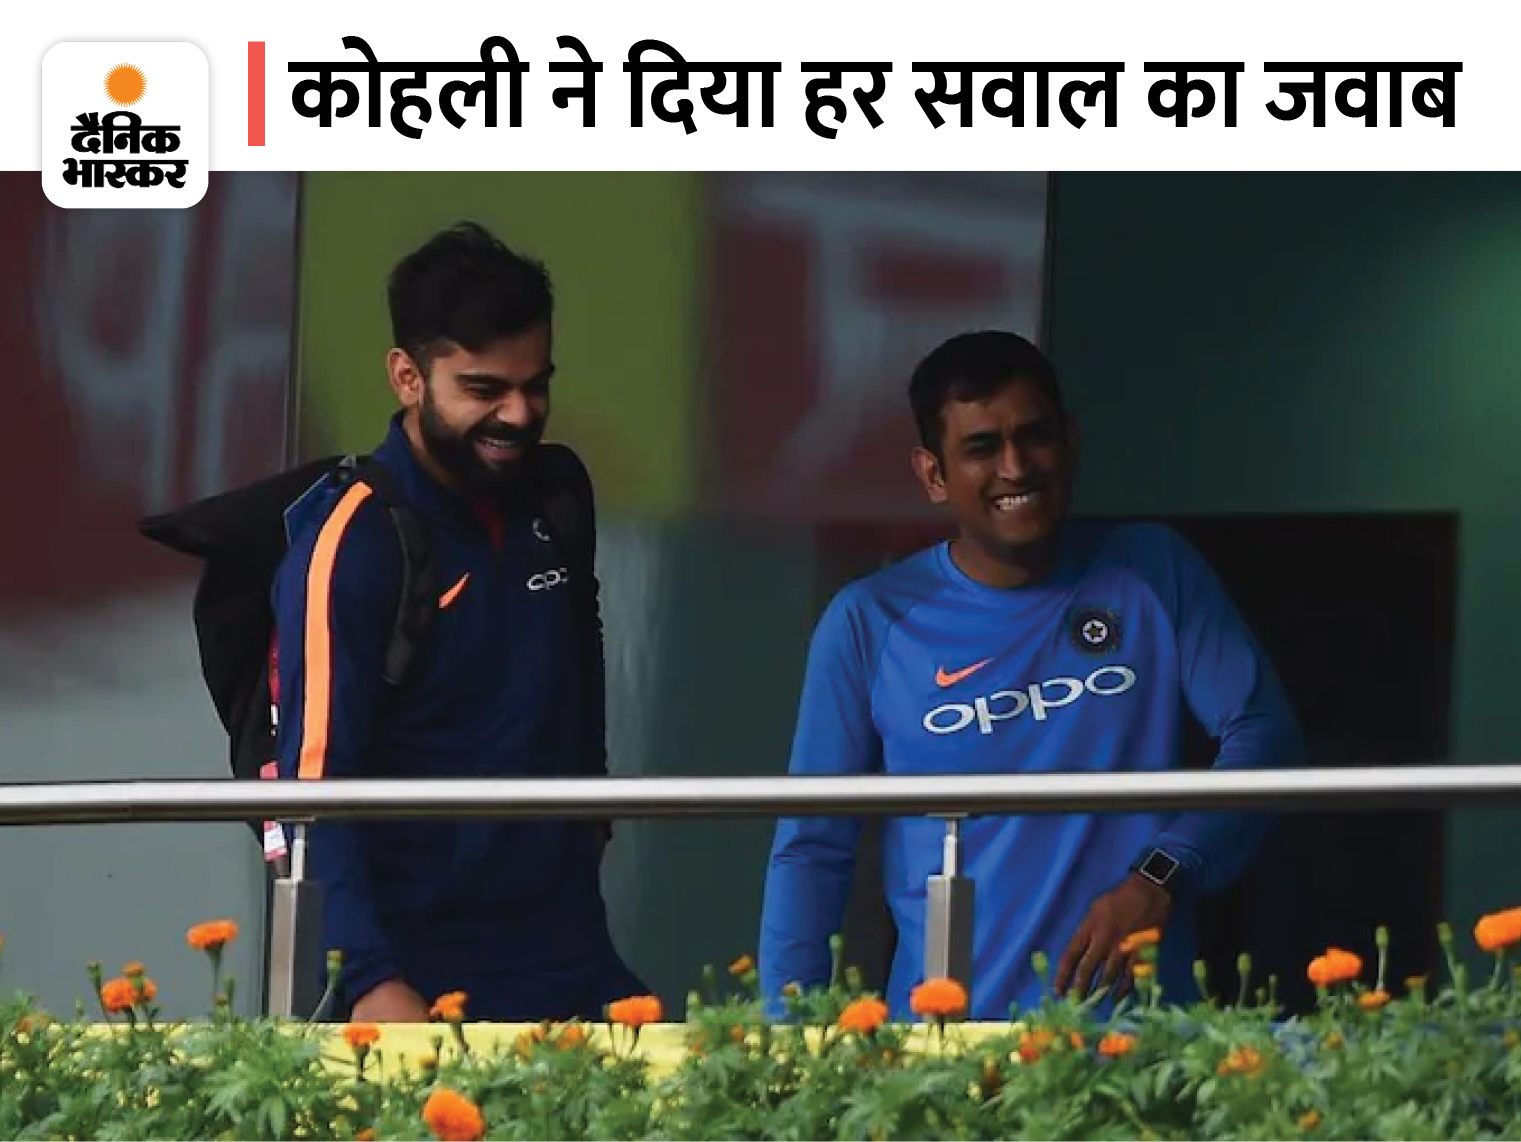 कोहली ने कहा- धोनी आए तो जोश बढ़ गया, चहल को टीम से बाहर रखने की वजह भी बताई|स्पोर्ट्स,Sports - Dainik Bhaskar